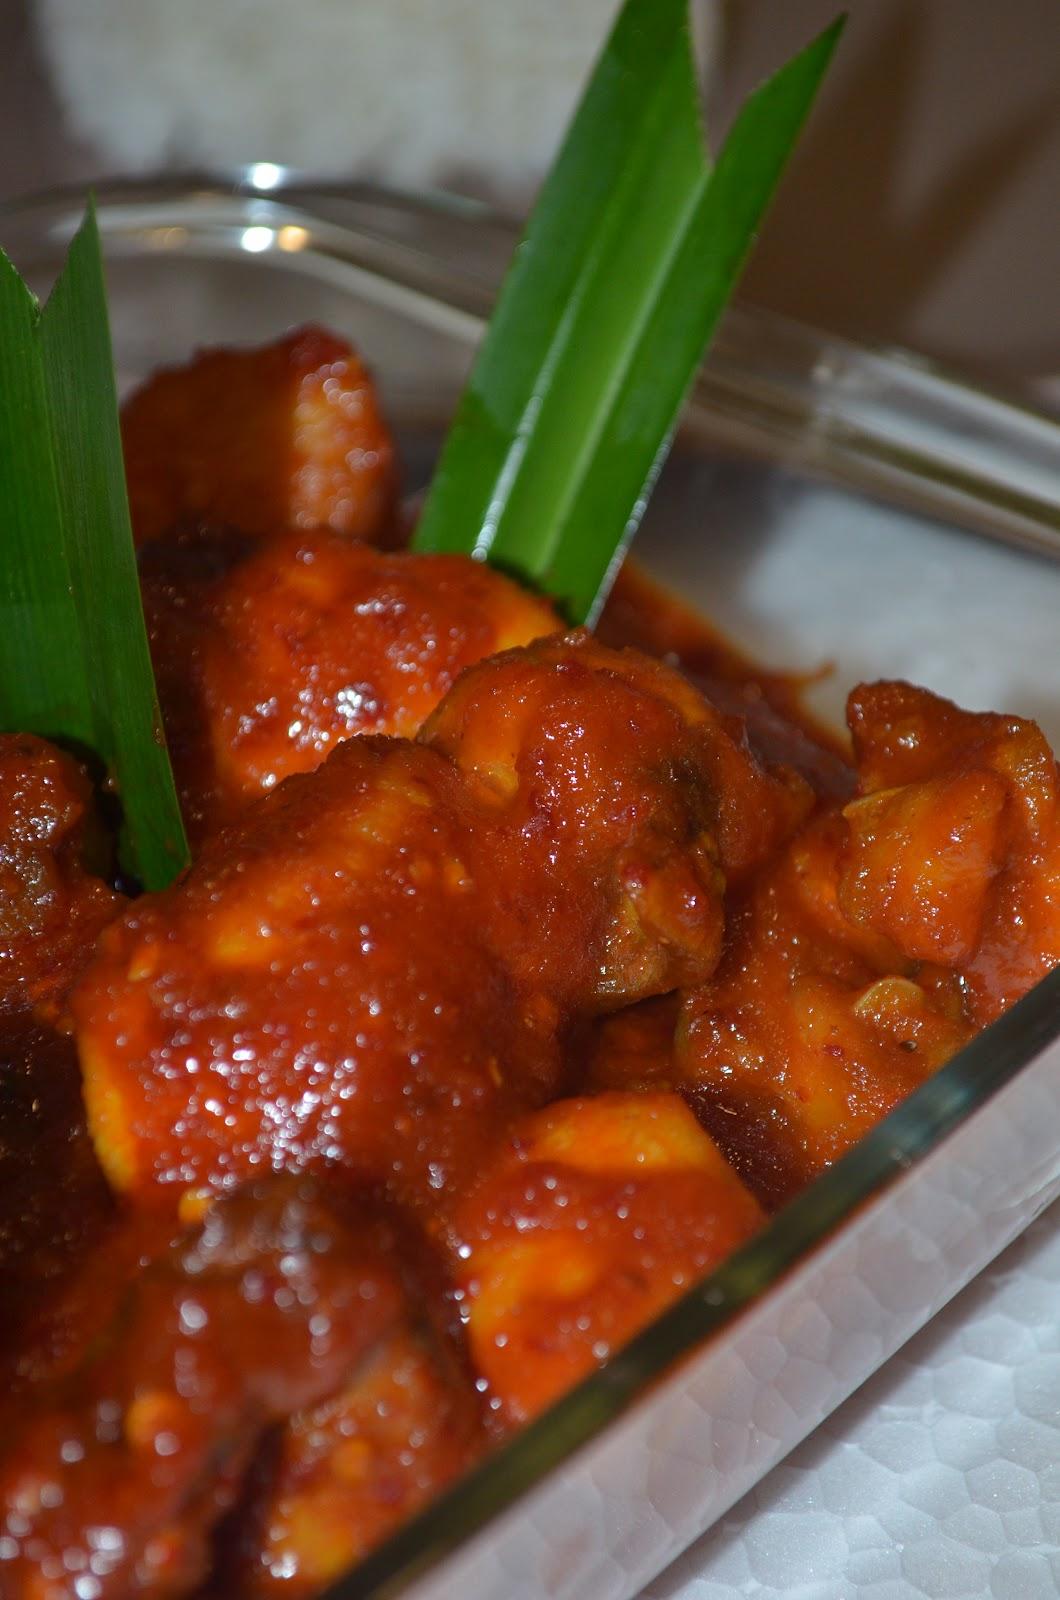 resepi ayam masak rendang daun kunyit sd beteng Resepi Ayam Masak Lemak Noxxa Enak dan Mudah